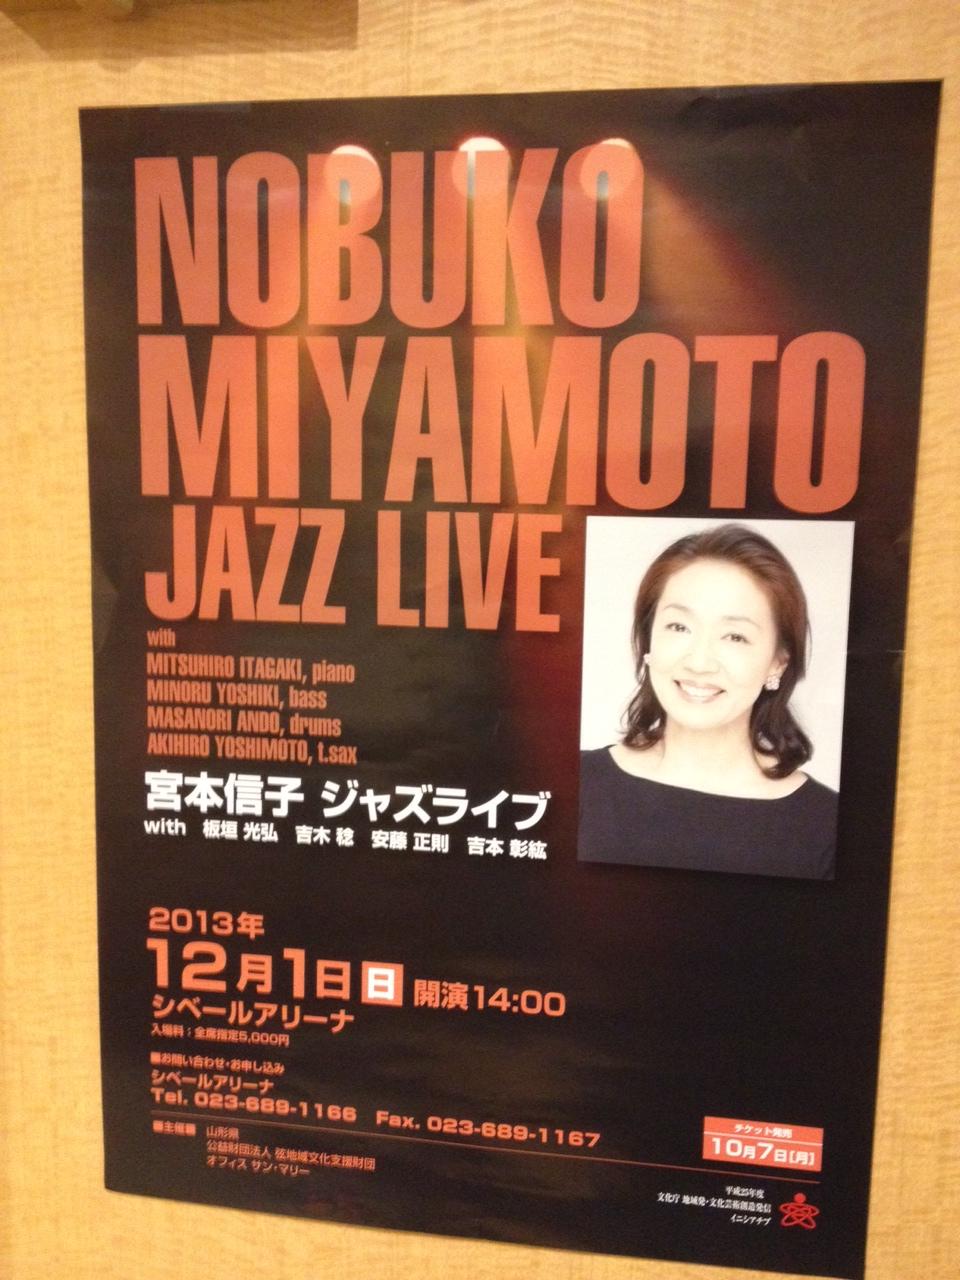 宮本信子(vo)さんとJAZZ LIVE in 山形_d0003502_2384914.jpg